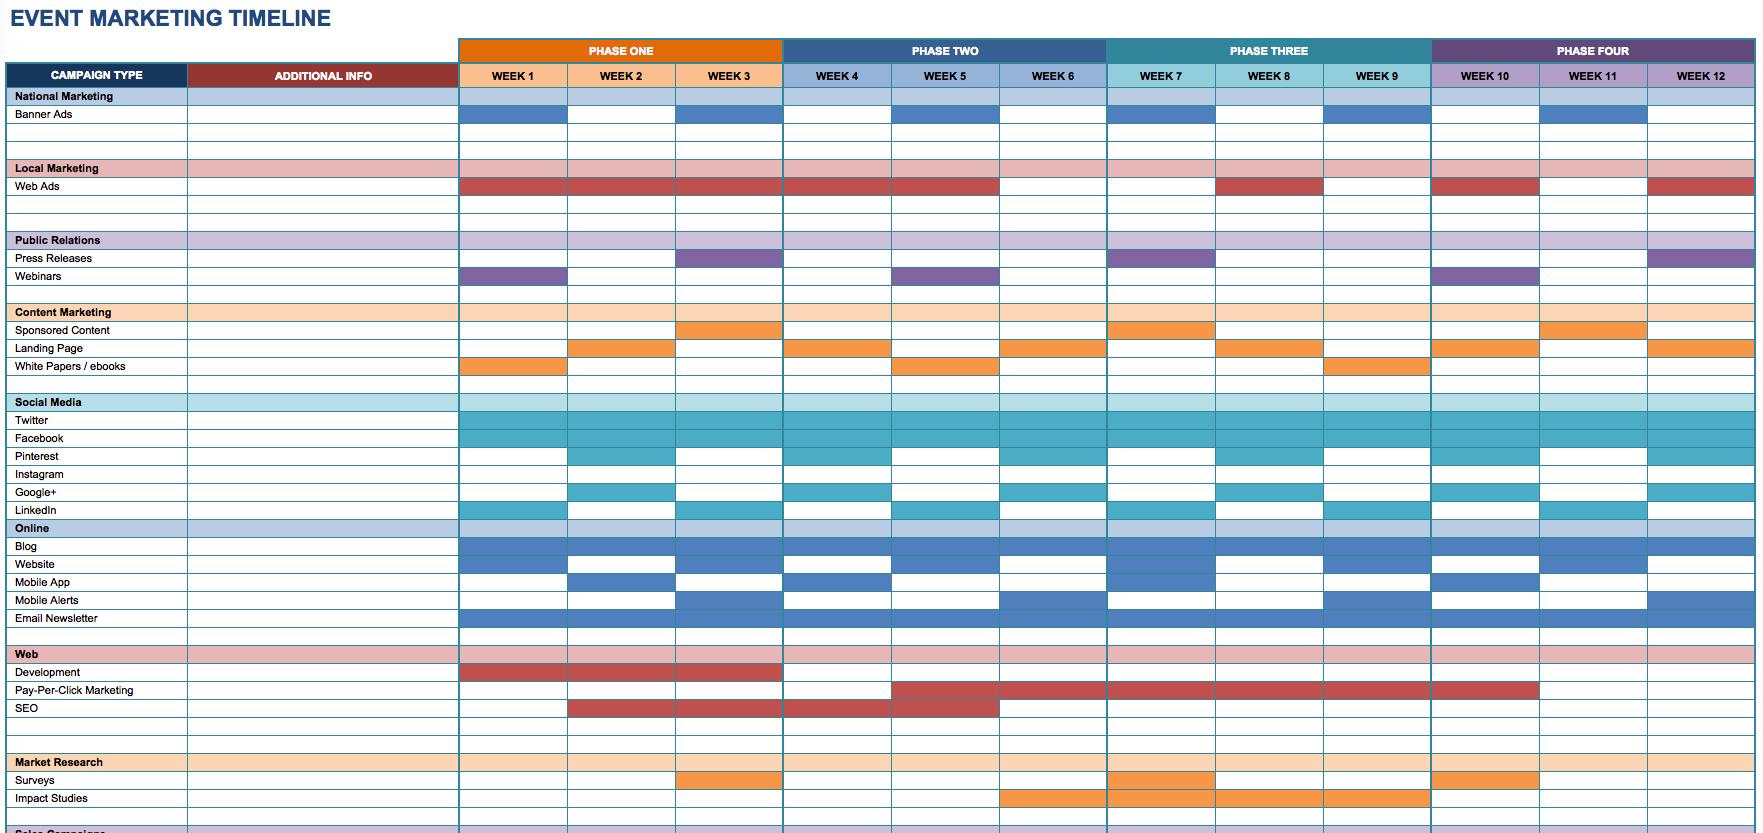 Image Excel Marketing Marketing Plan Temlate Timeline